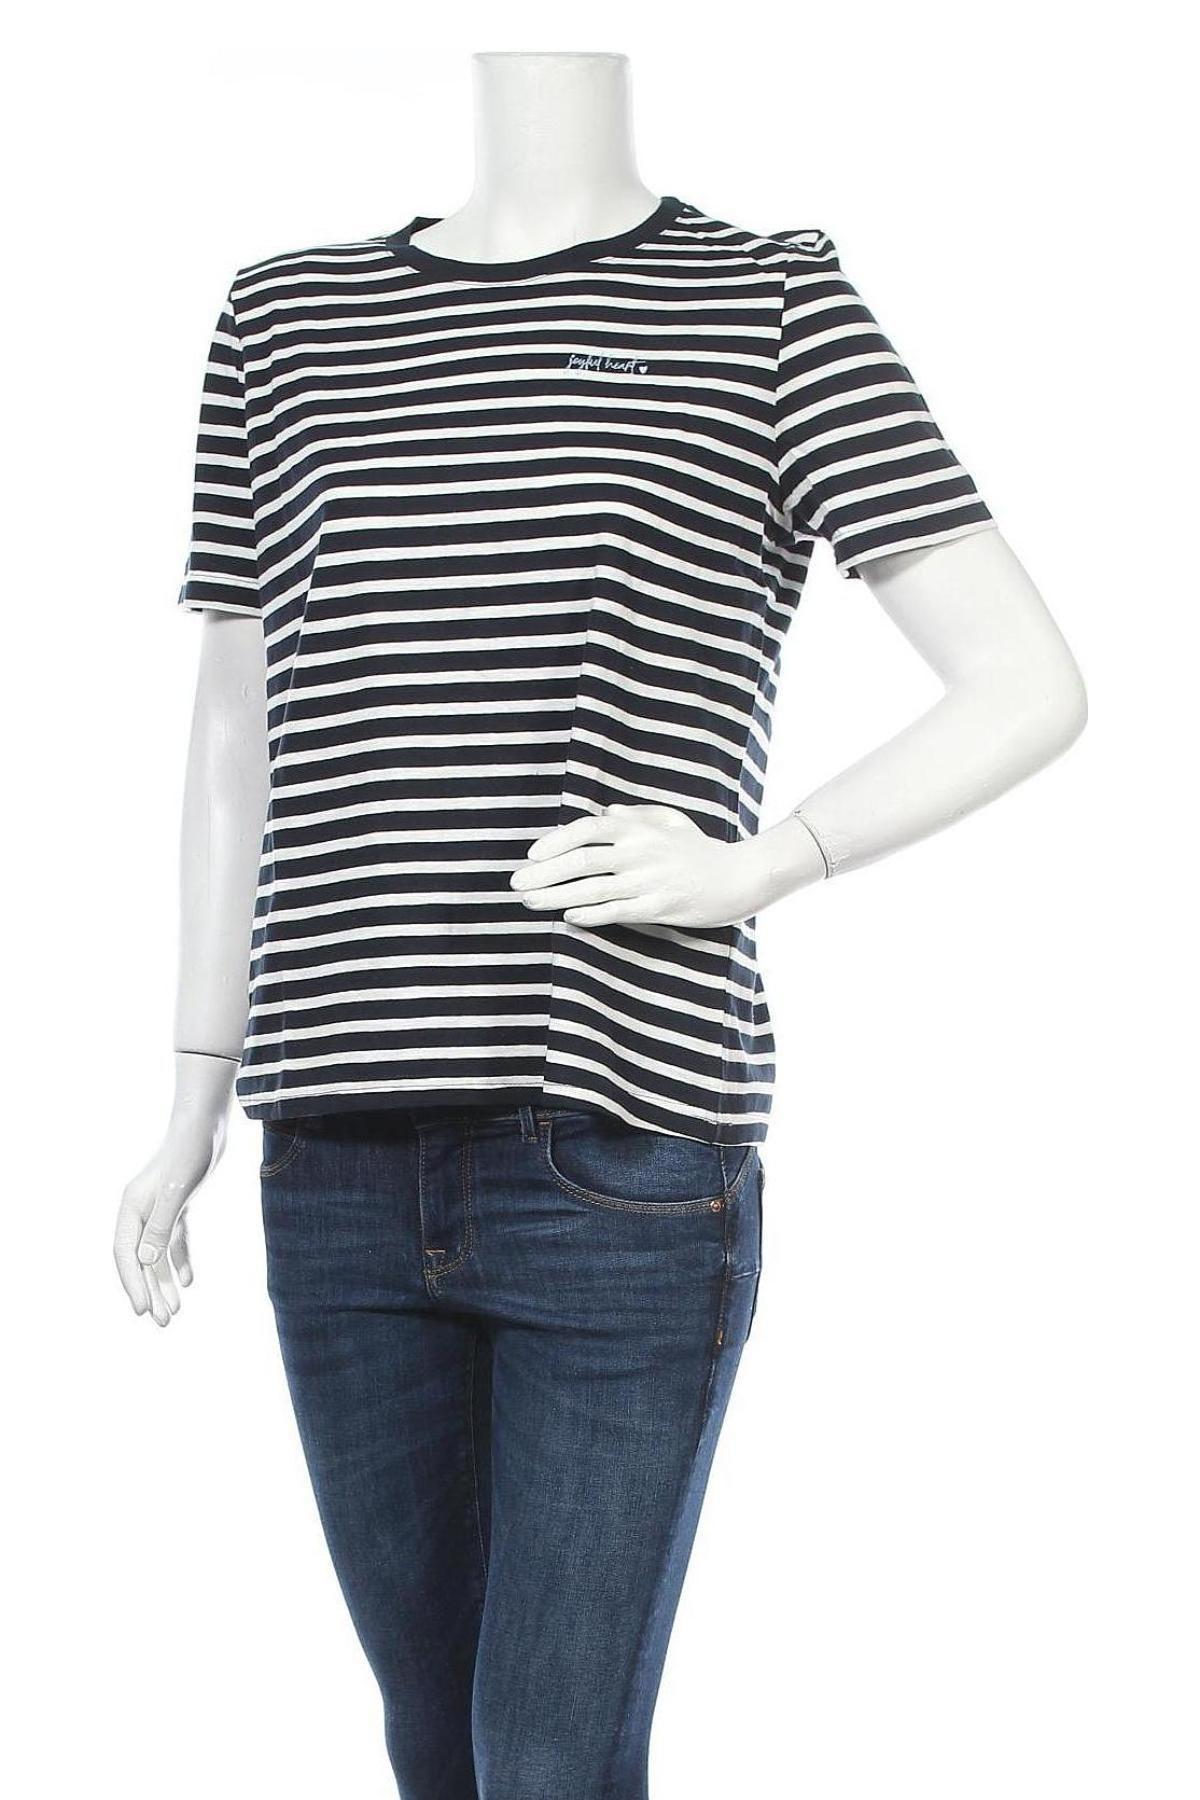 Γυναικείο t-shirt Tom Tailor, Μέγεθος L, Χρώμα Λευκό, Βαμβάκι, Τιμή 15,08€